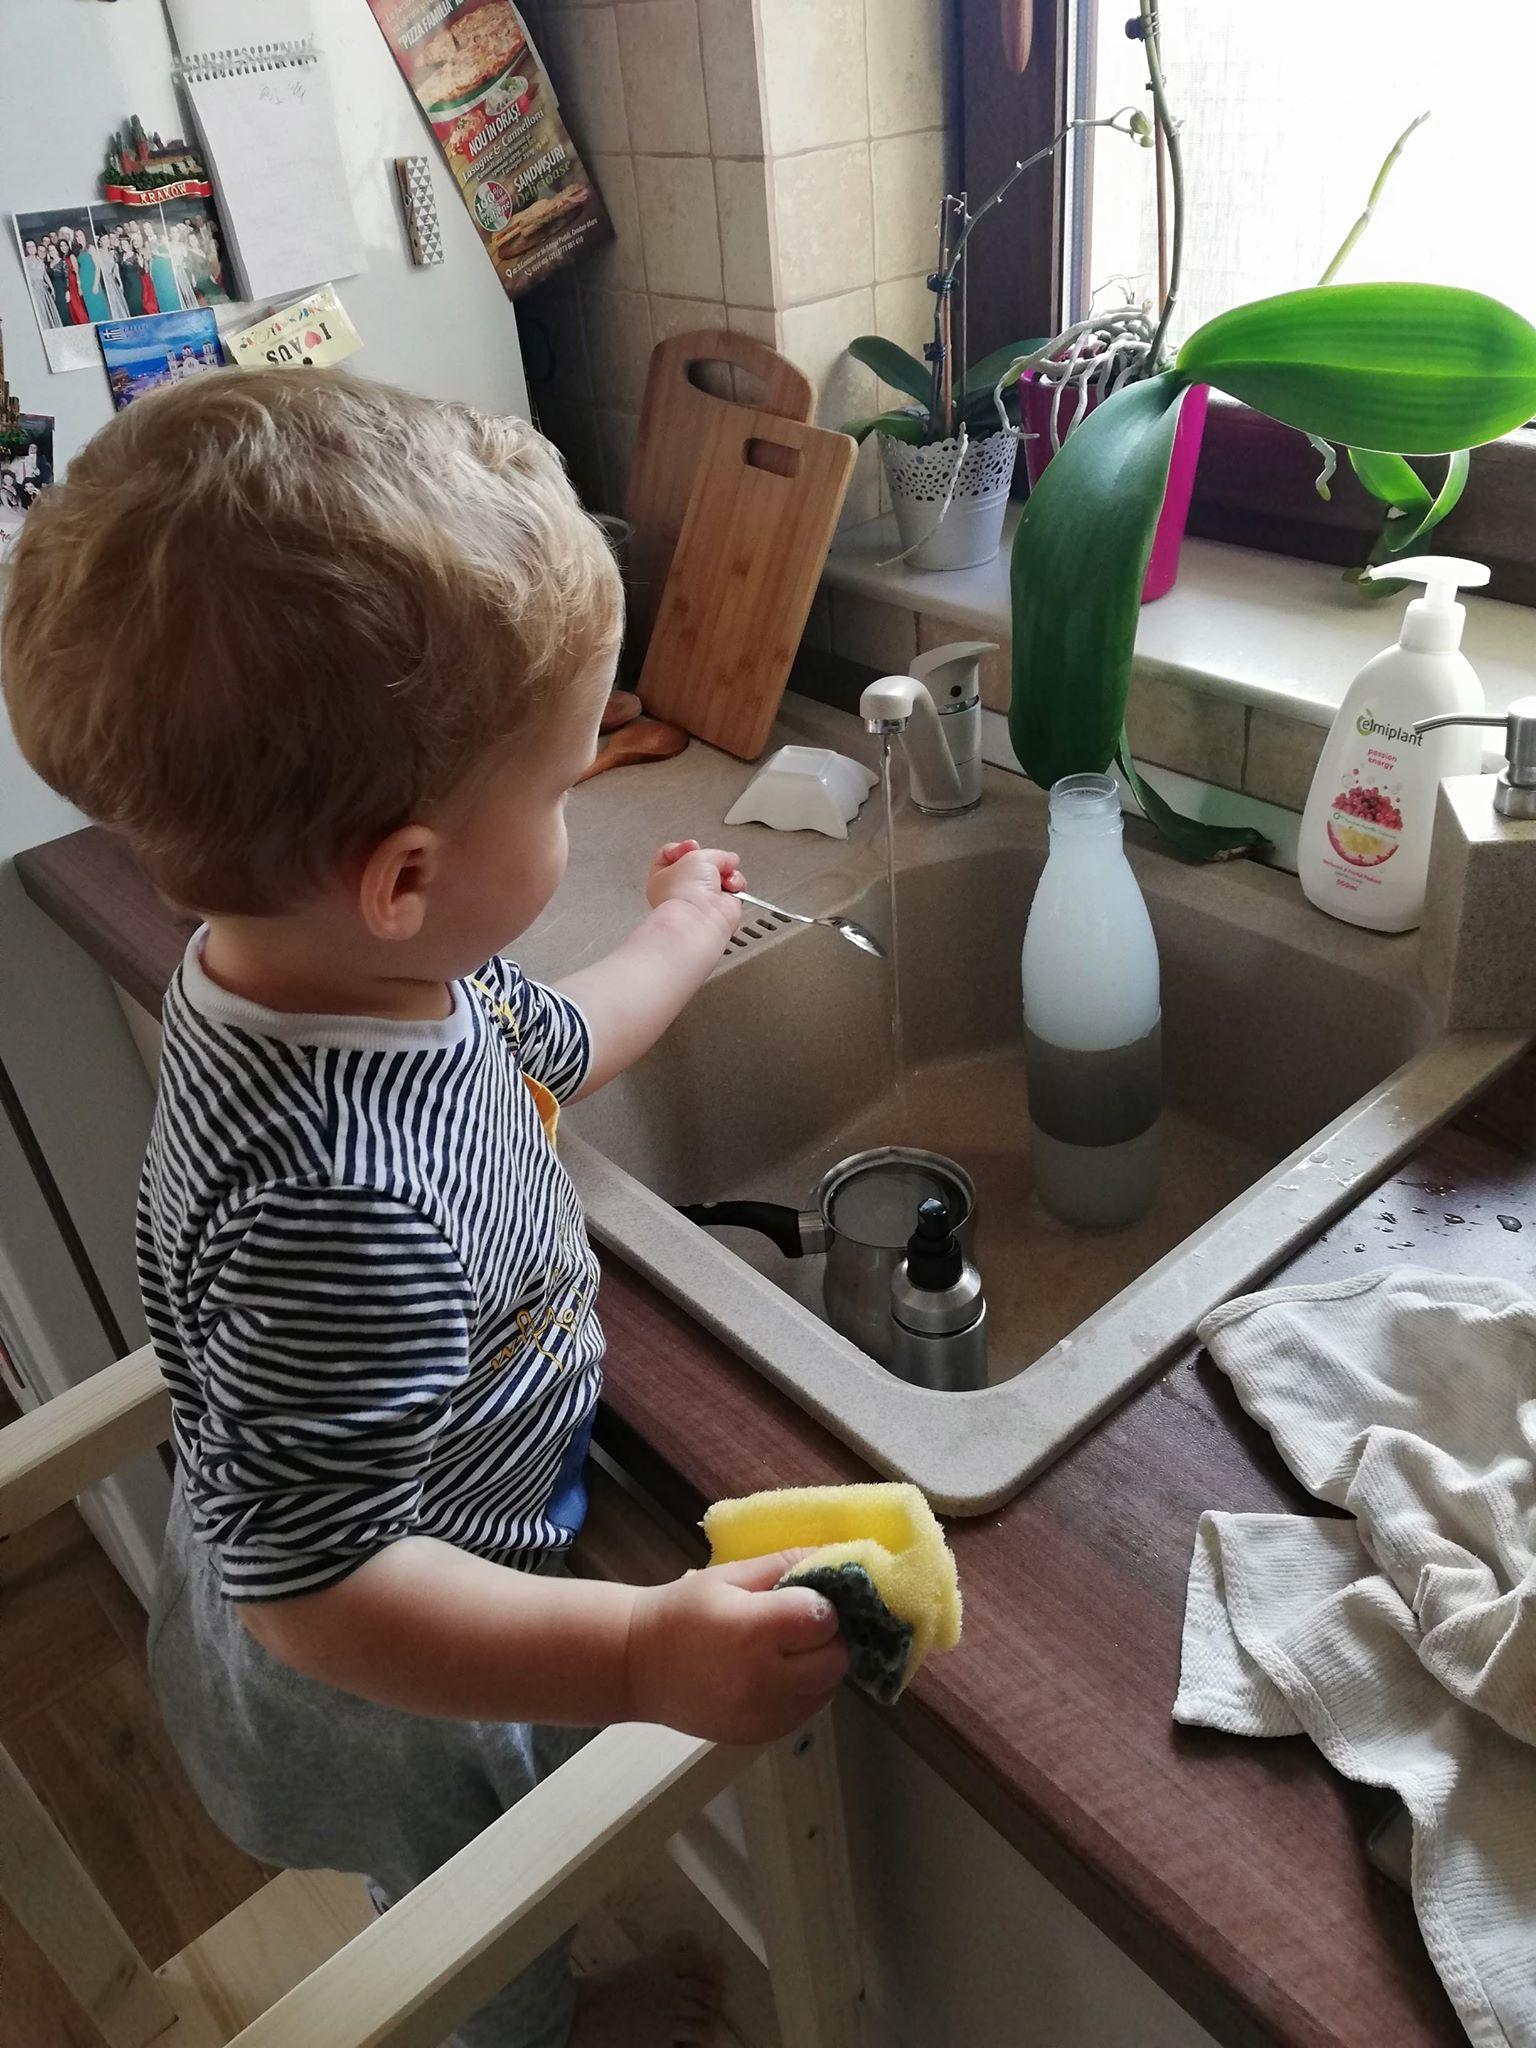 activitate-interior-copil-un-an-spalatul-vaselor-pe-turn-de-invatare